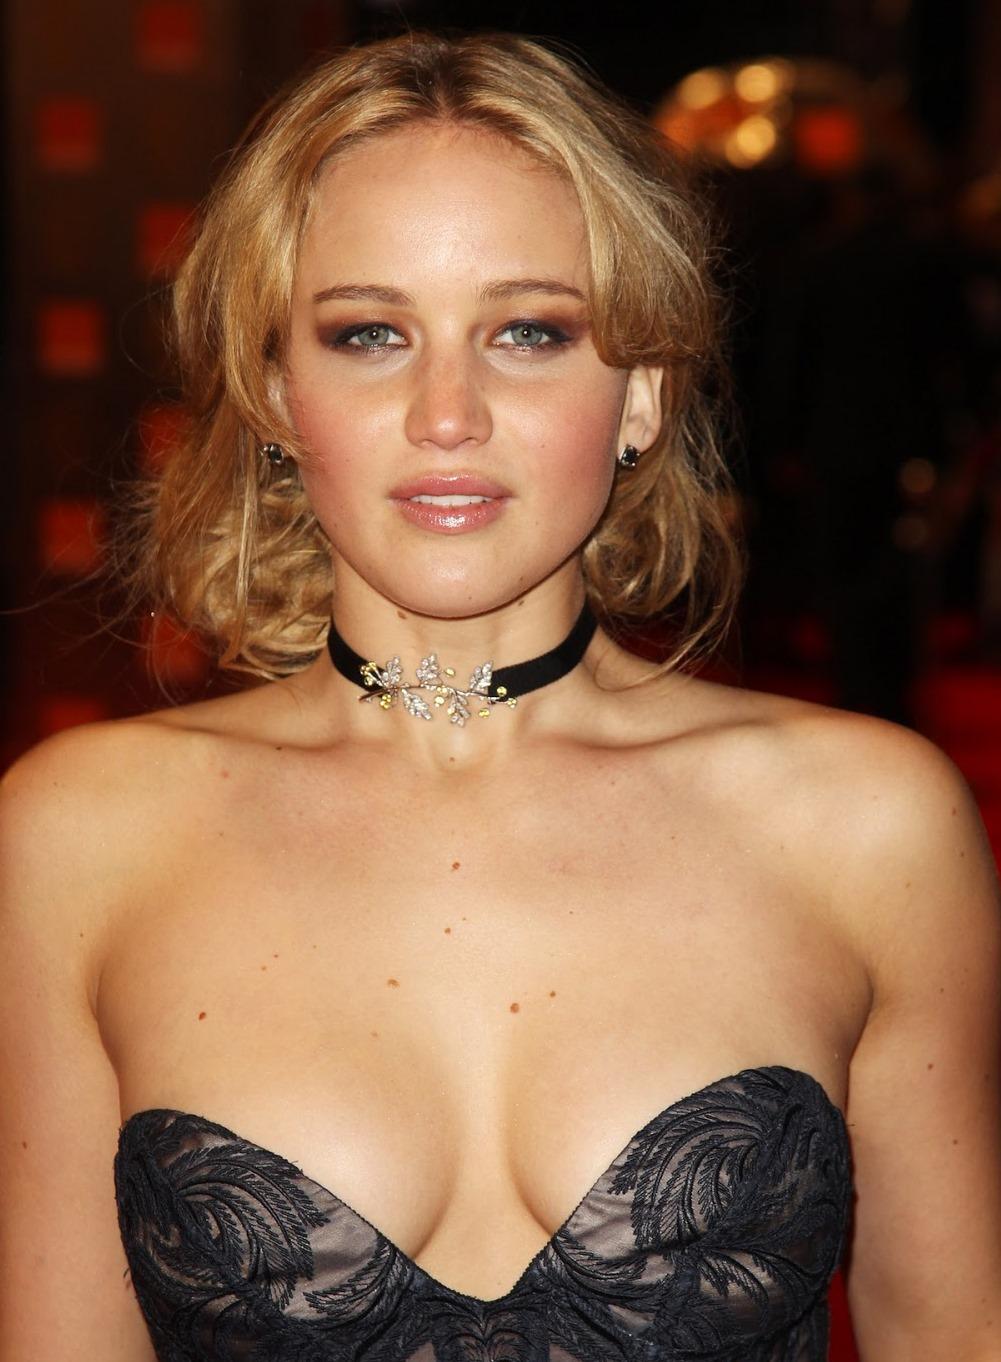 【ジェニファー・ローレンスの私的な巨乳おっぱいヌード画像・動画】女優Jennifer Lawrence!